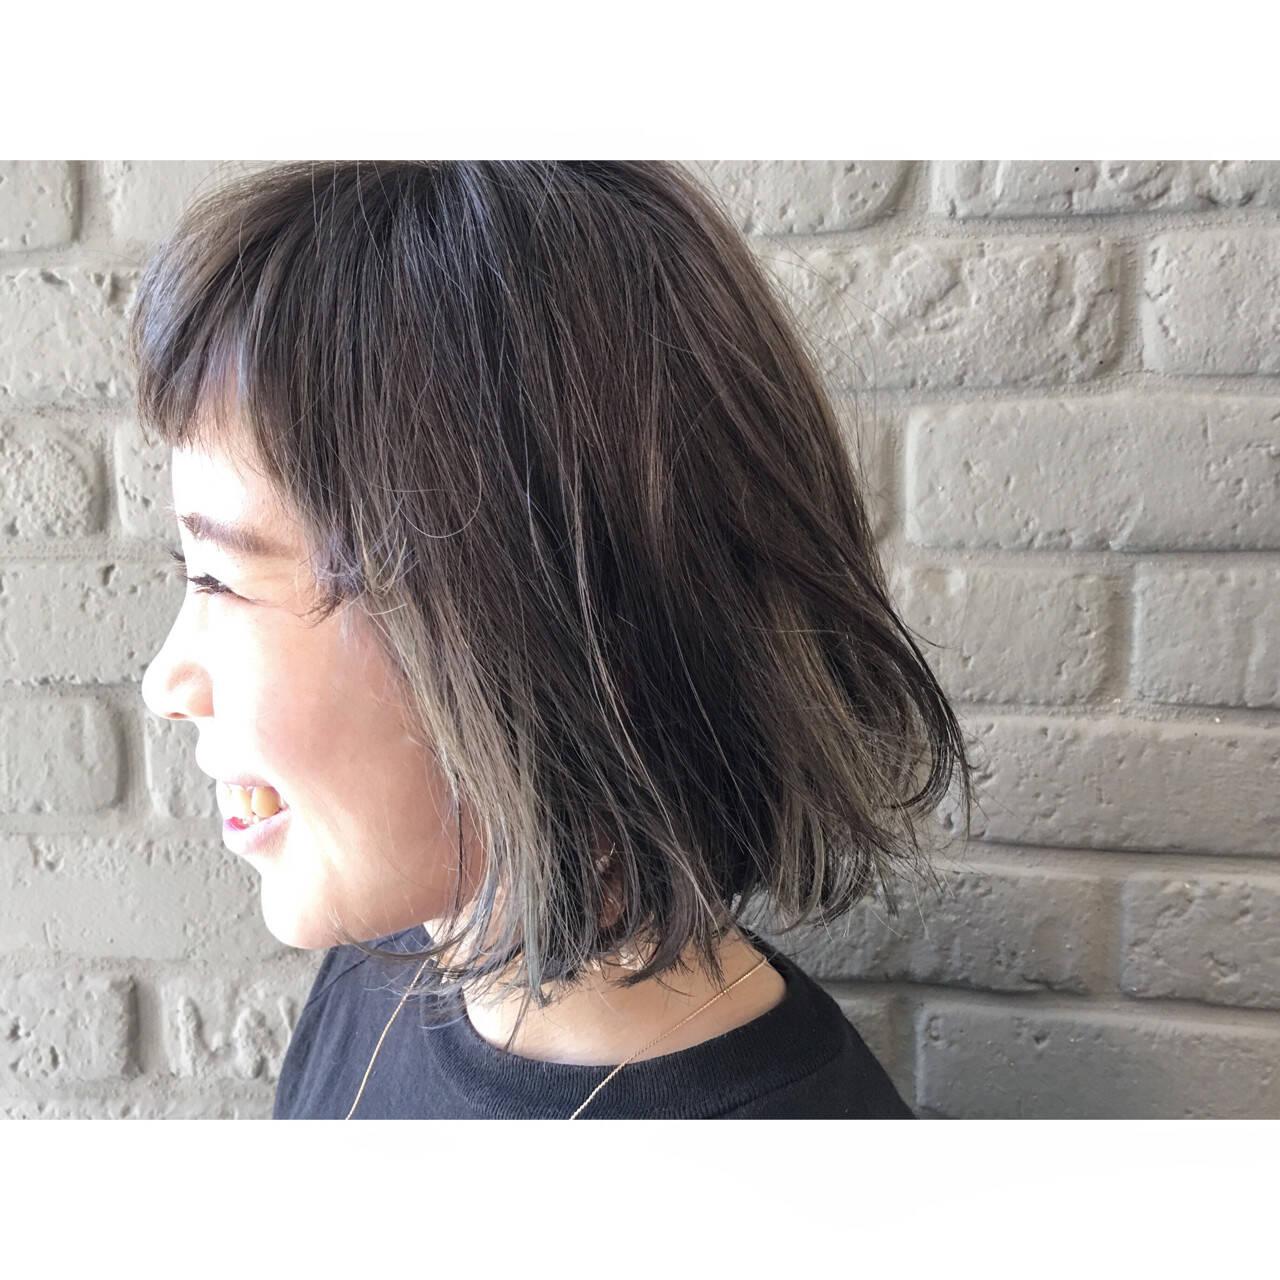 ボブ アッシュ ストレート アッシュベージュヘアスタイルや髪型の写真・画像